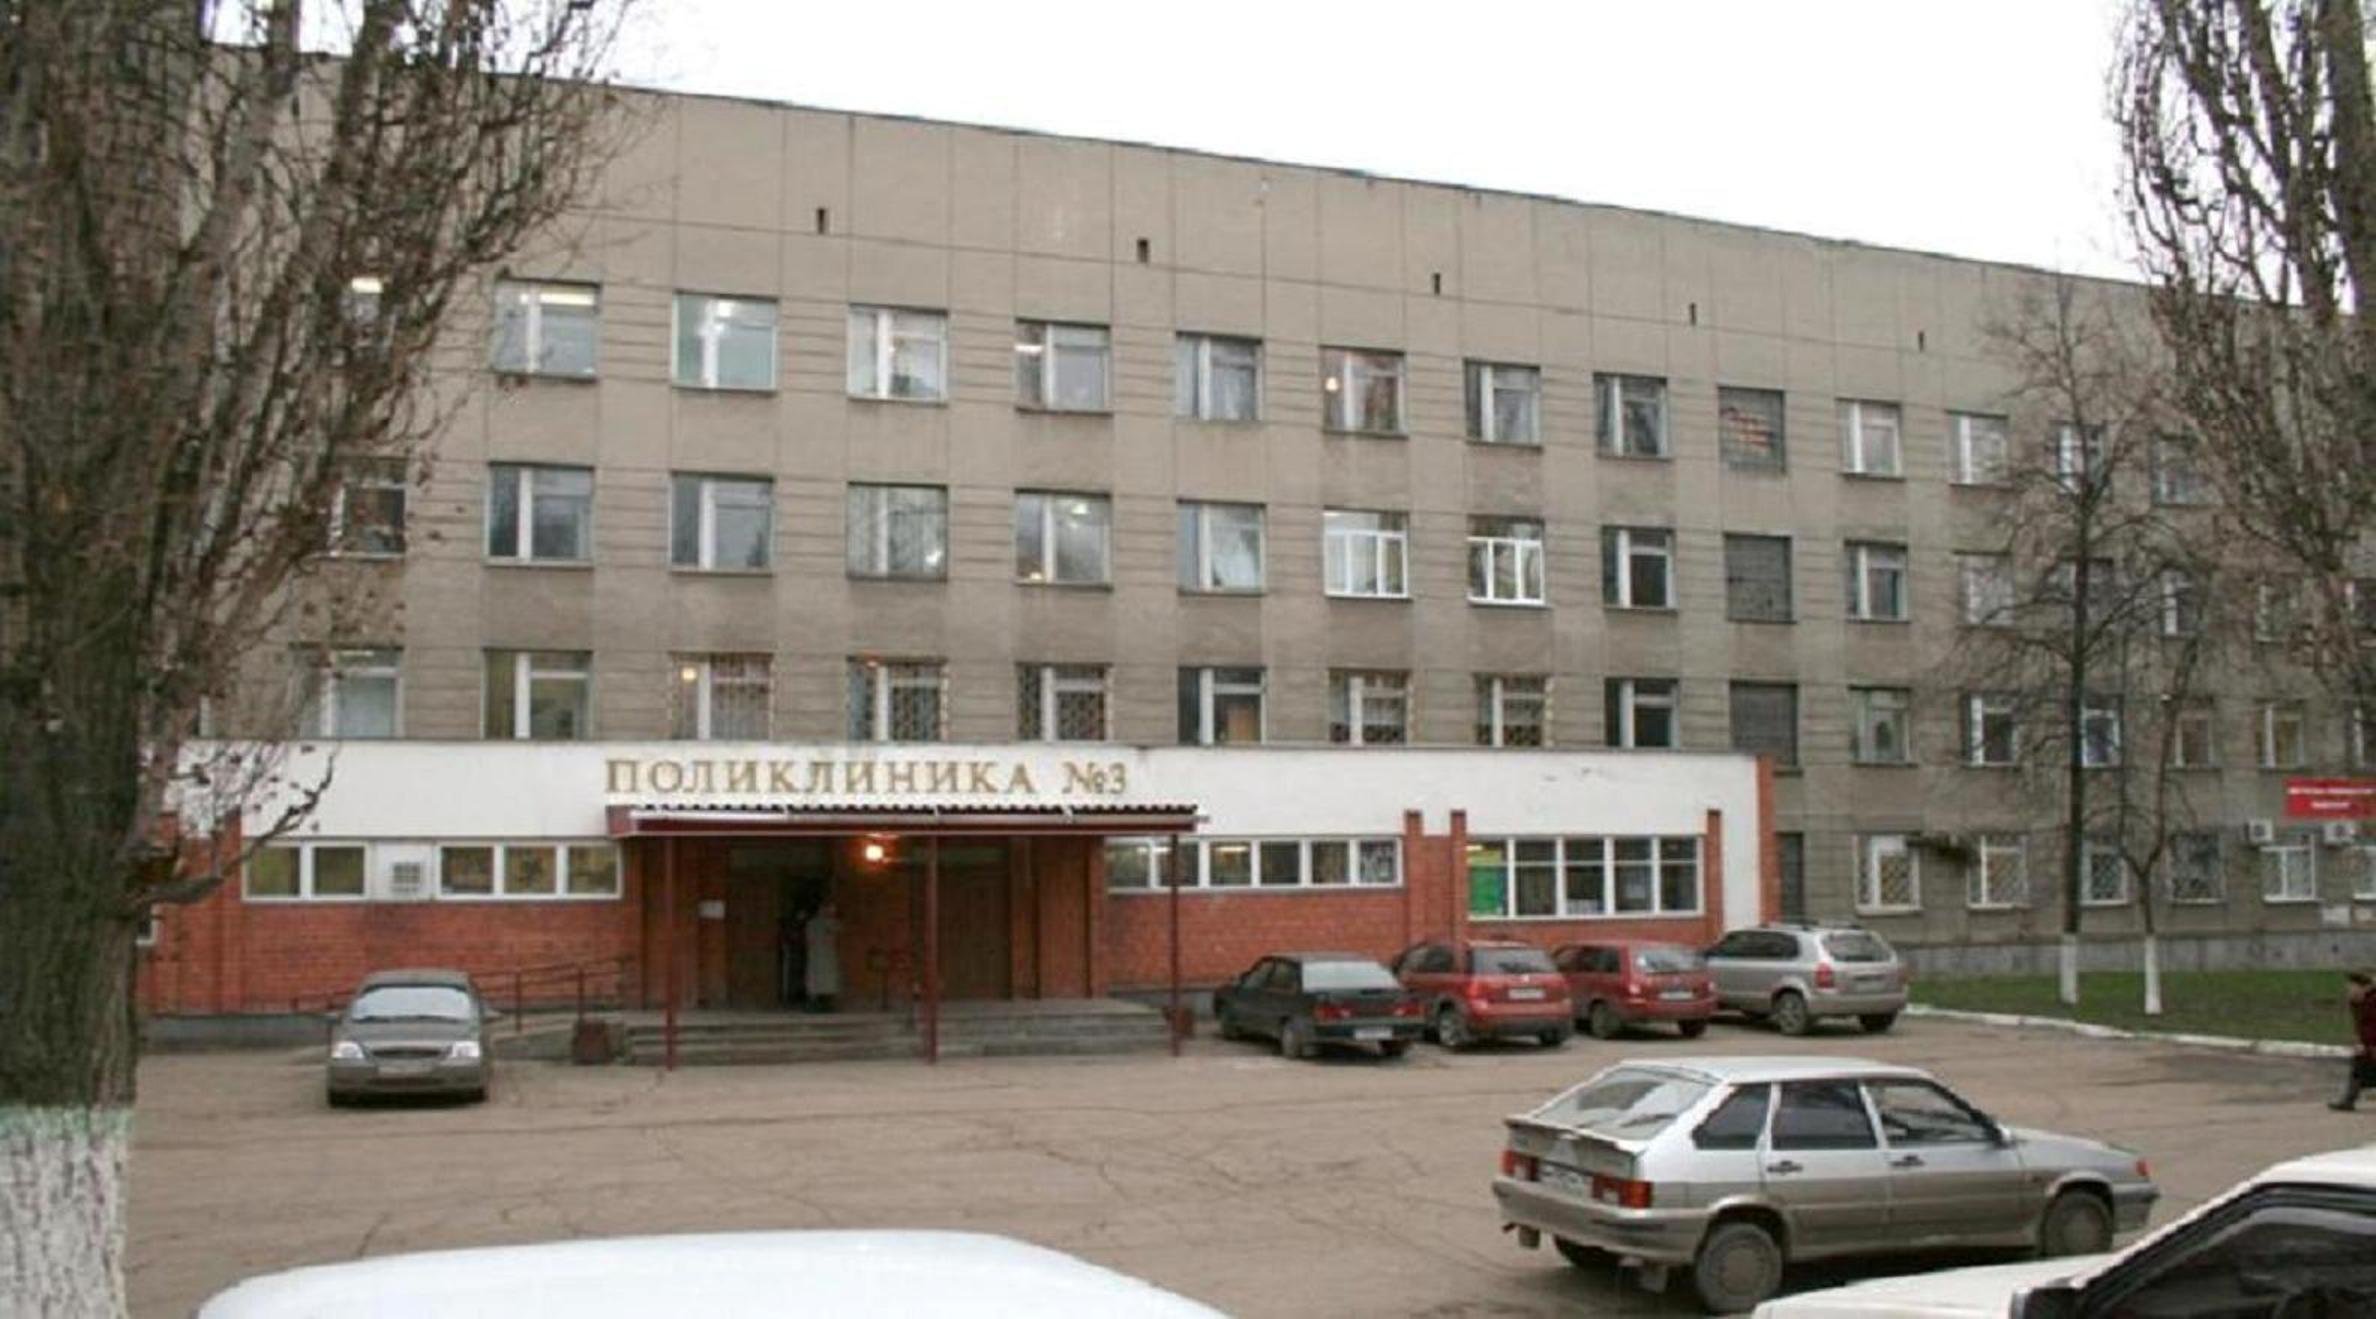 Справка флюорографии Улица Чаплыгина военно-медицинская академия санкт-петербург операции на межпозвоночных дисках